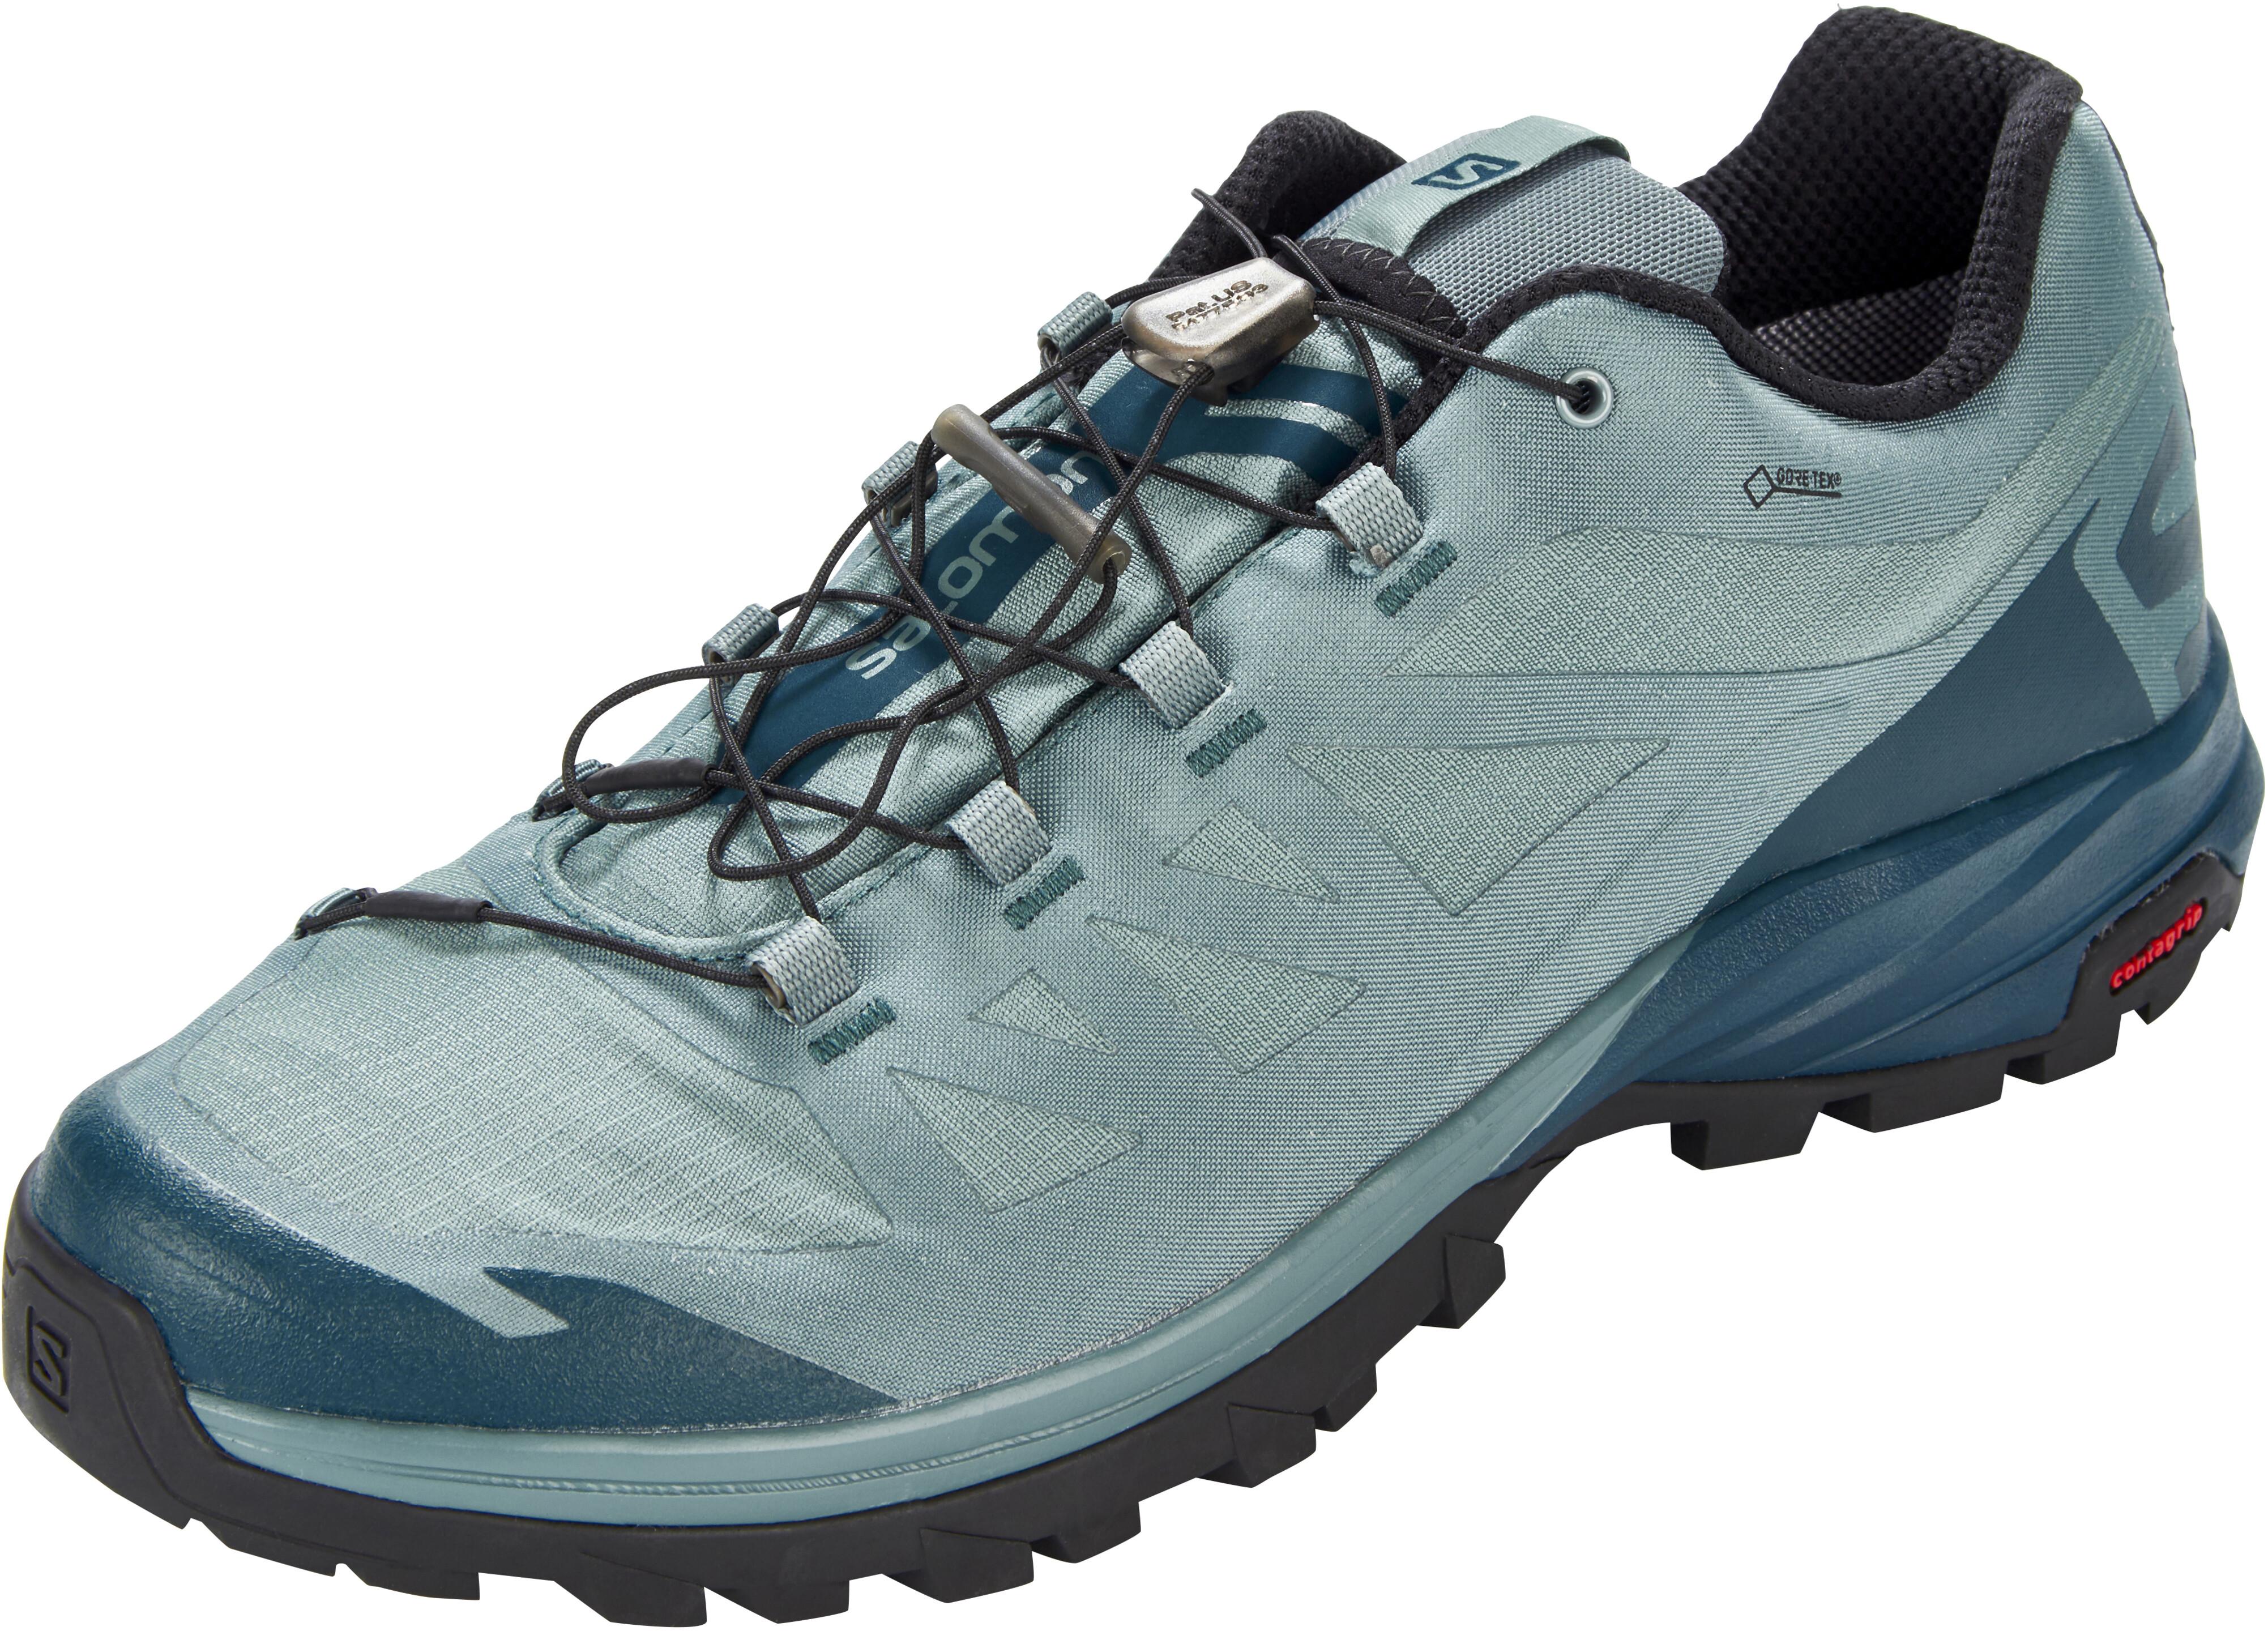 Salomon Outpath GTX Miehet kengät  46bea80043